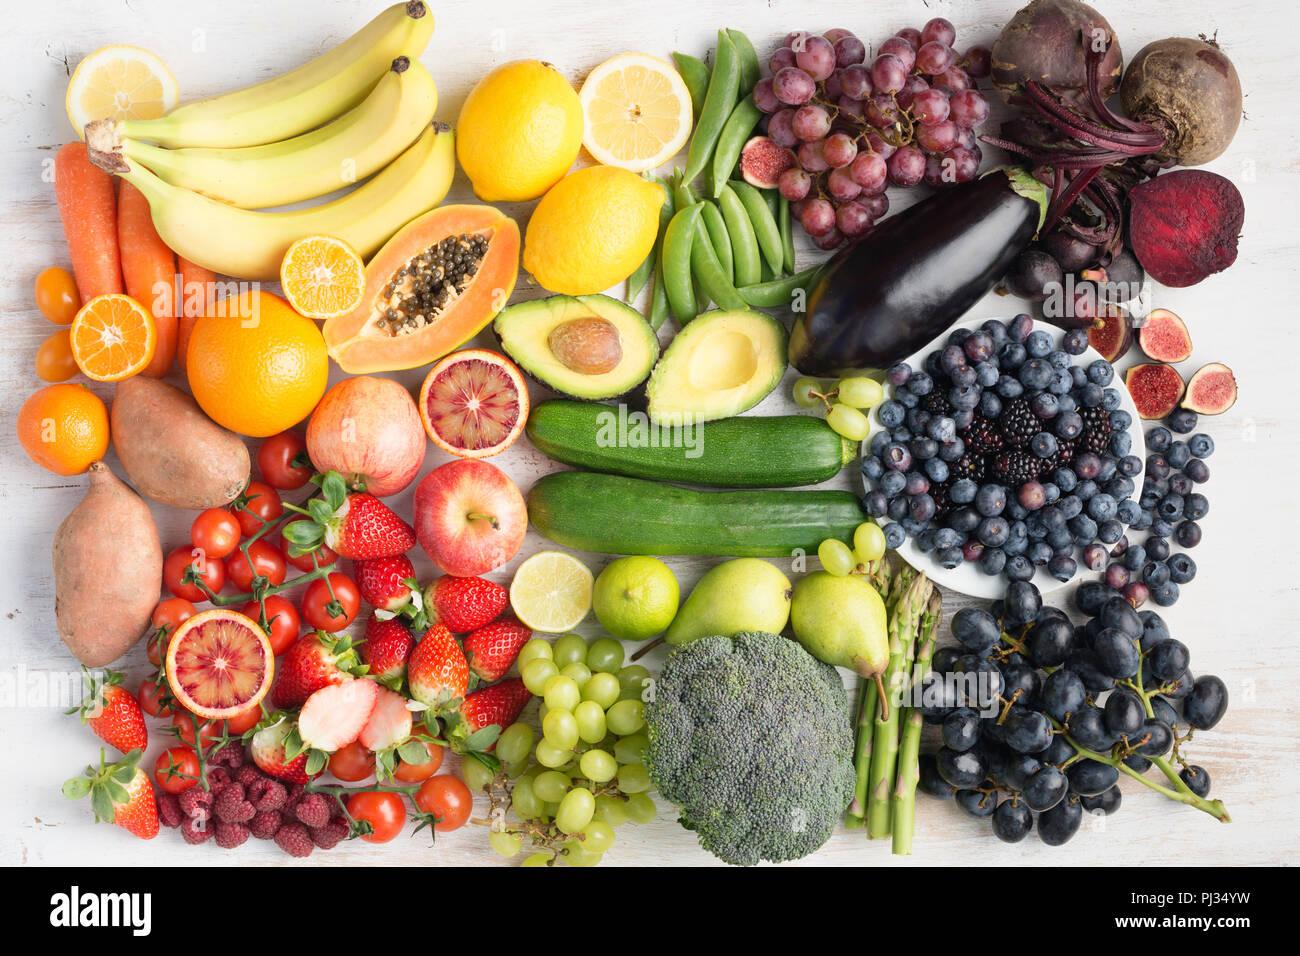 Concept de saine alimentation, assortiment de fruits et légumes, arc-en-ciel petits fruits, bananes, oranges, raisins, brocoli, betterave sur l'off white table dans un rectangle, vue du dessus, selective focus Photo Stock